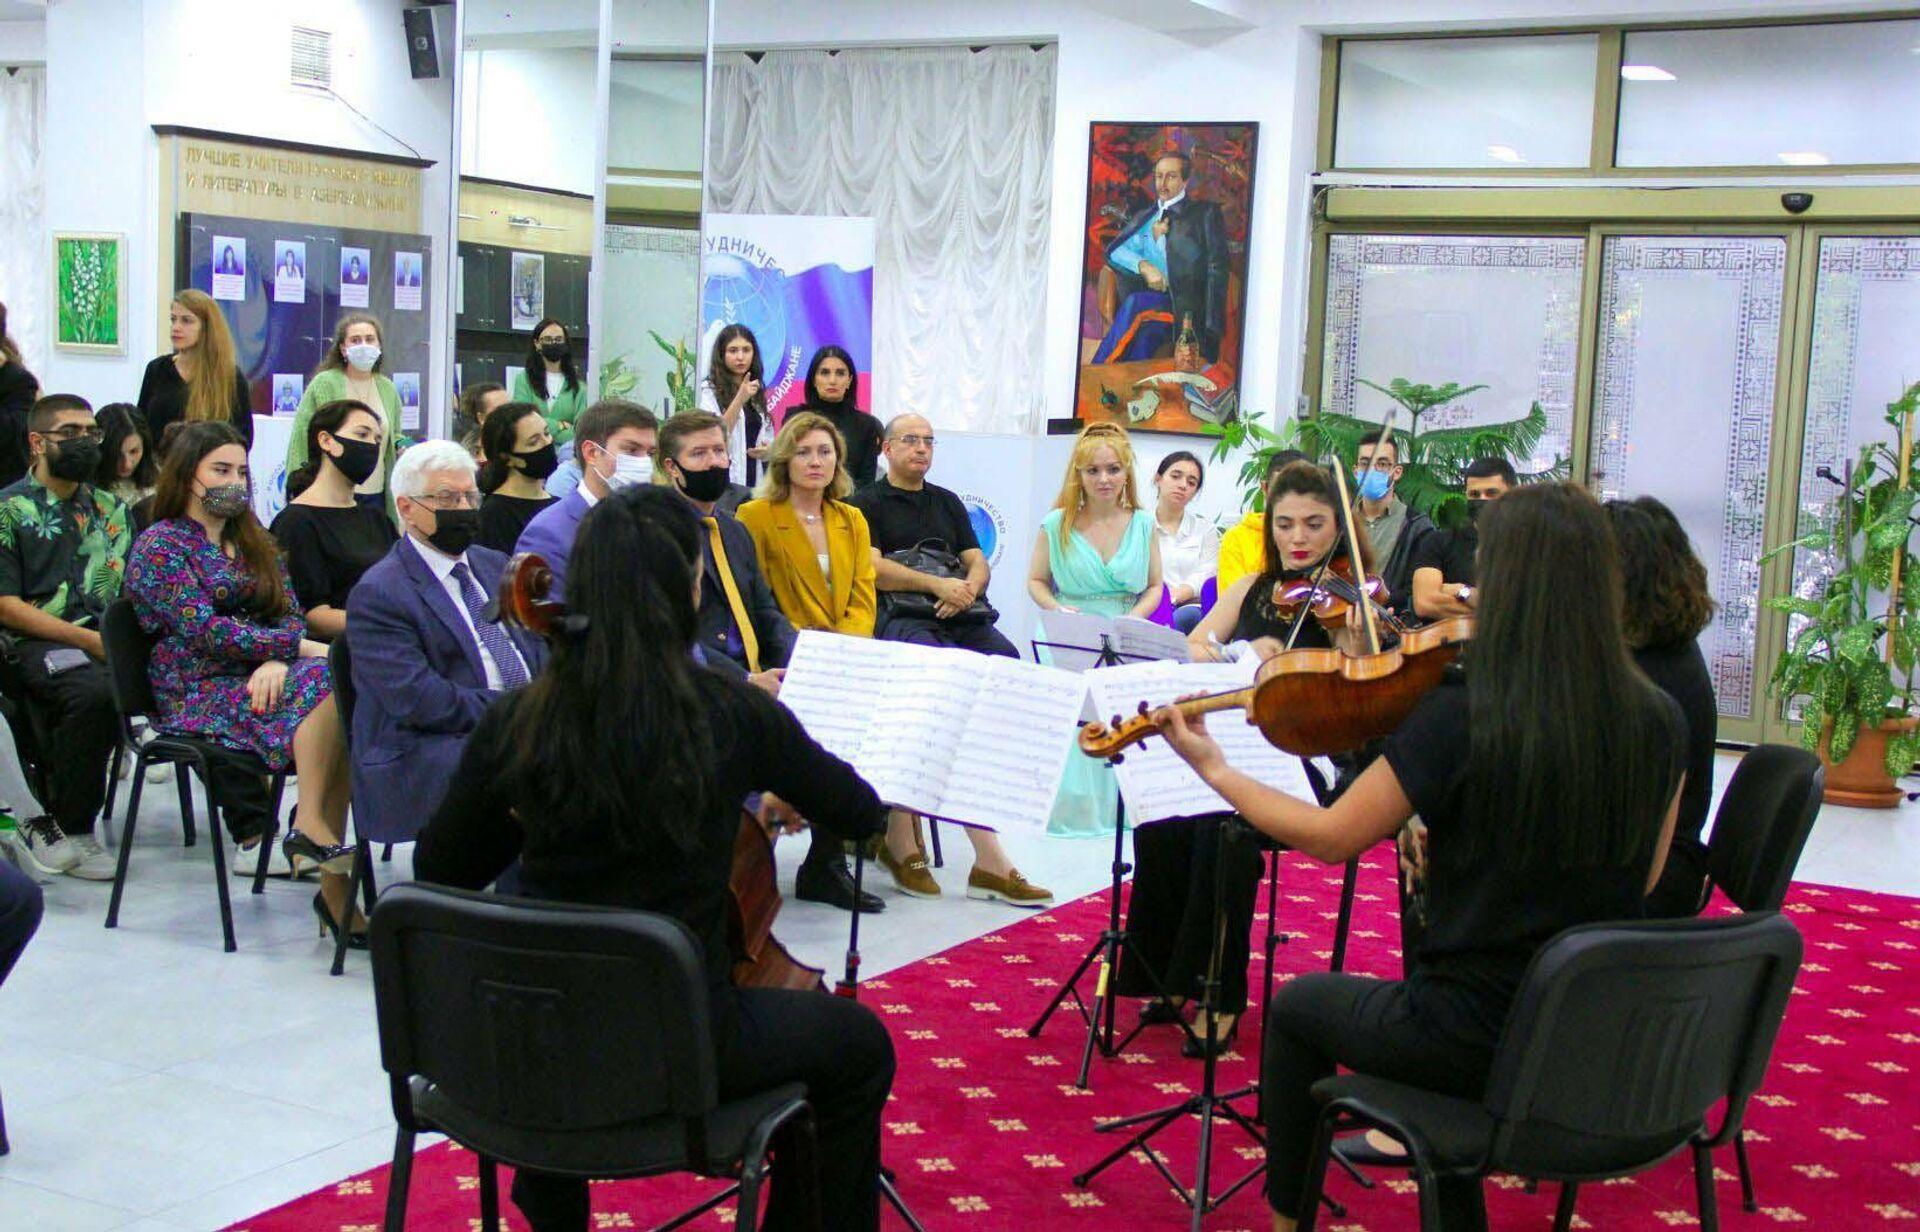 В Русском доме в Баку отметили Международный день музыки и 115-летие русского композитора, пианиста Дмитрия Шостаковича - Sputnik Азербайджан, 1920, 30.09.2021